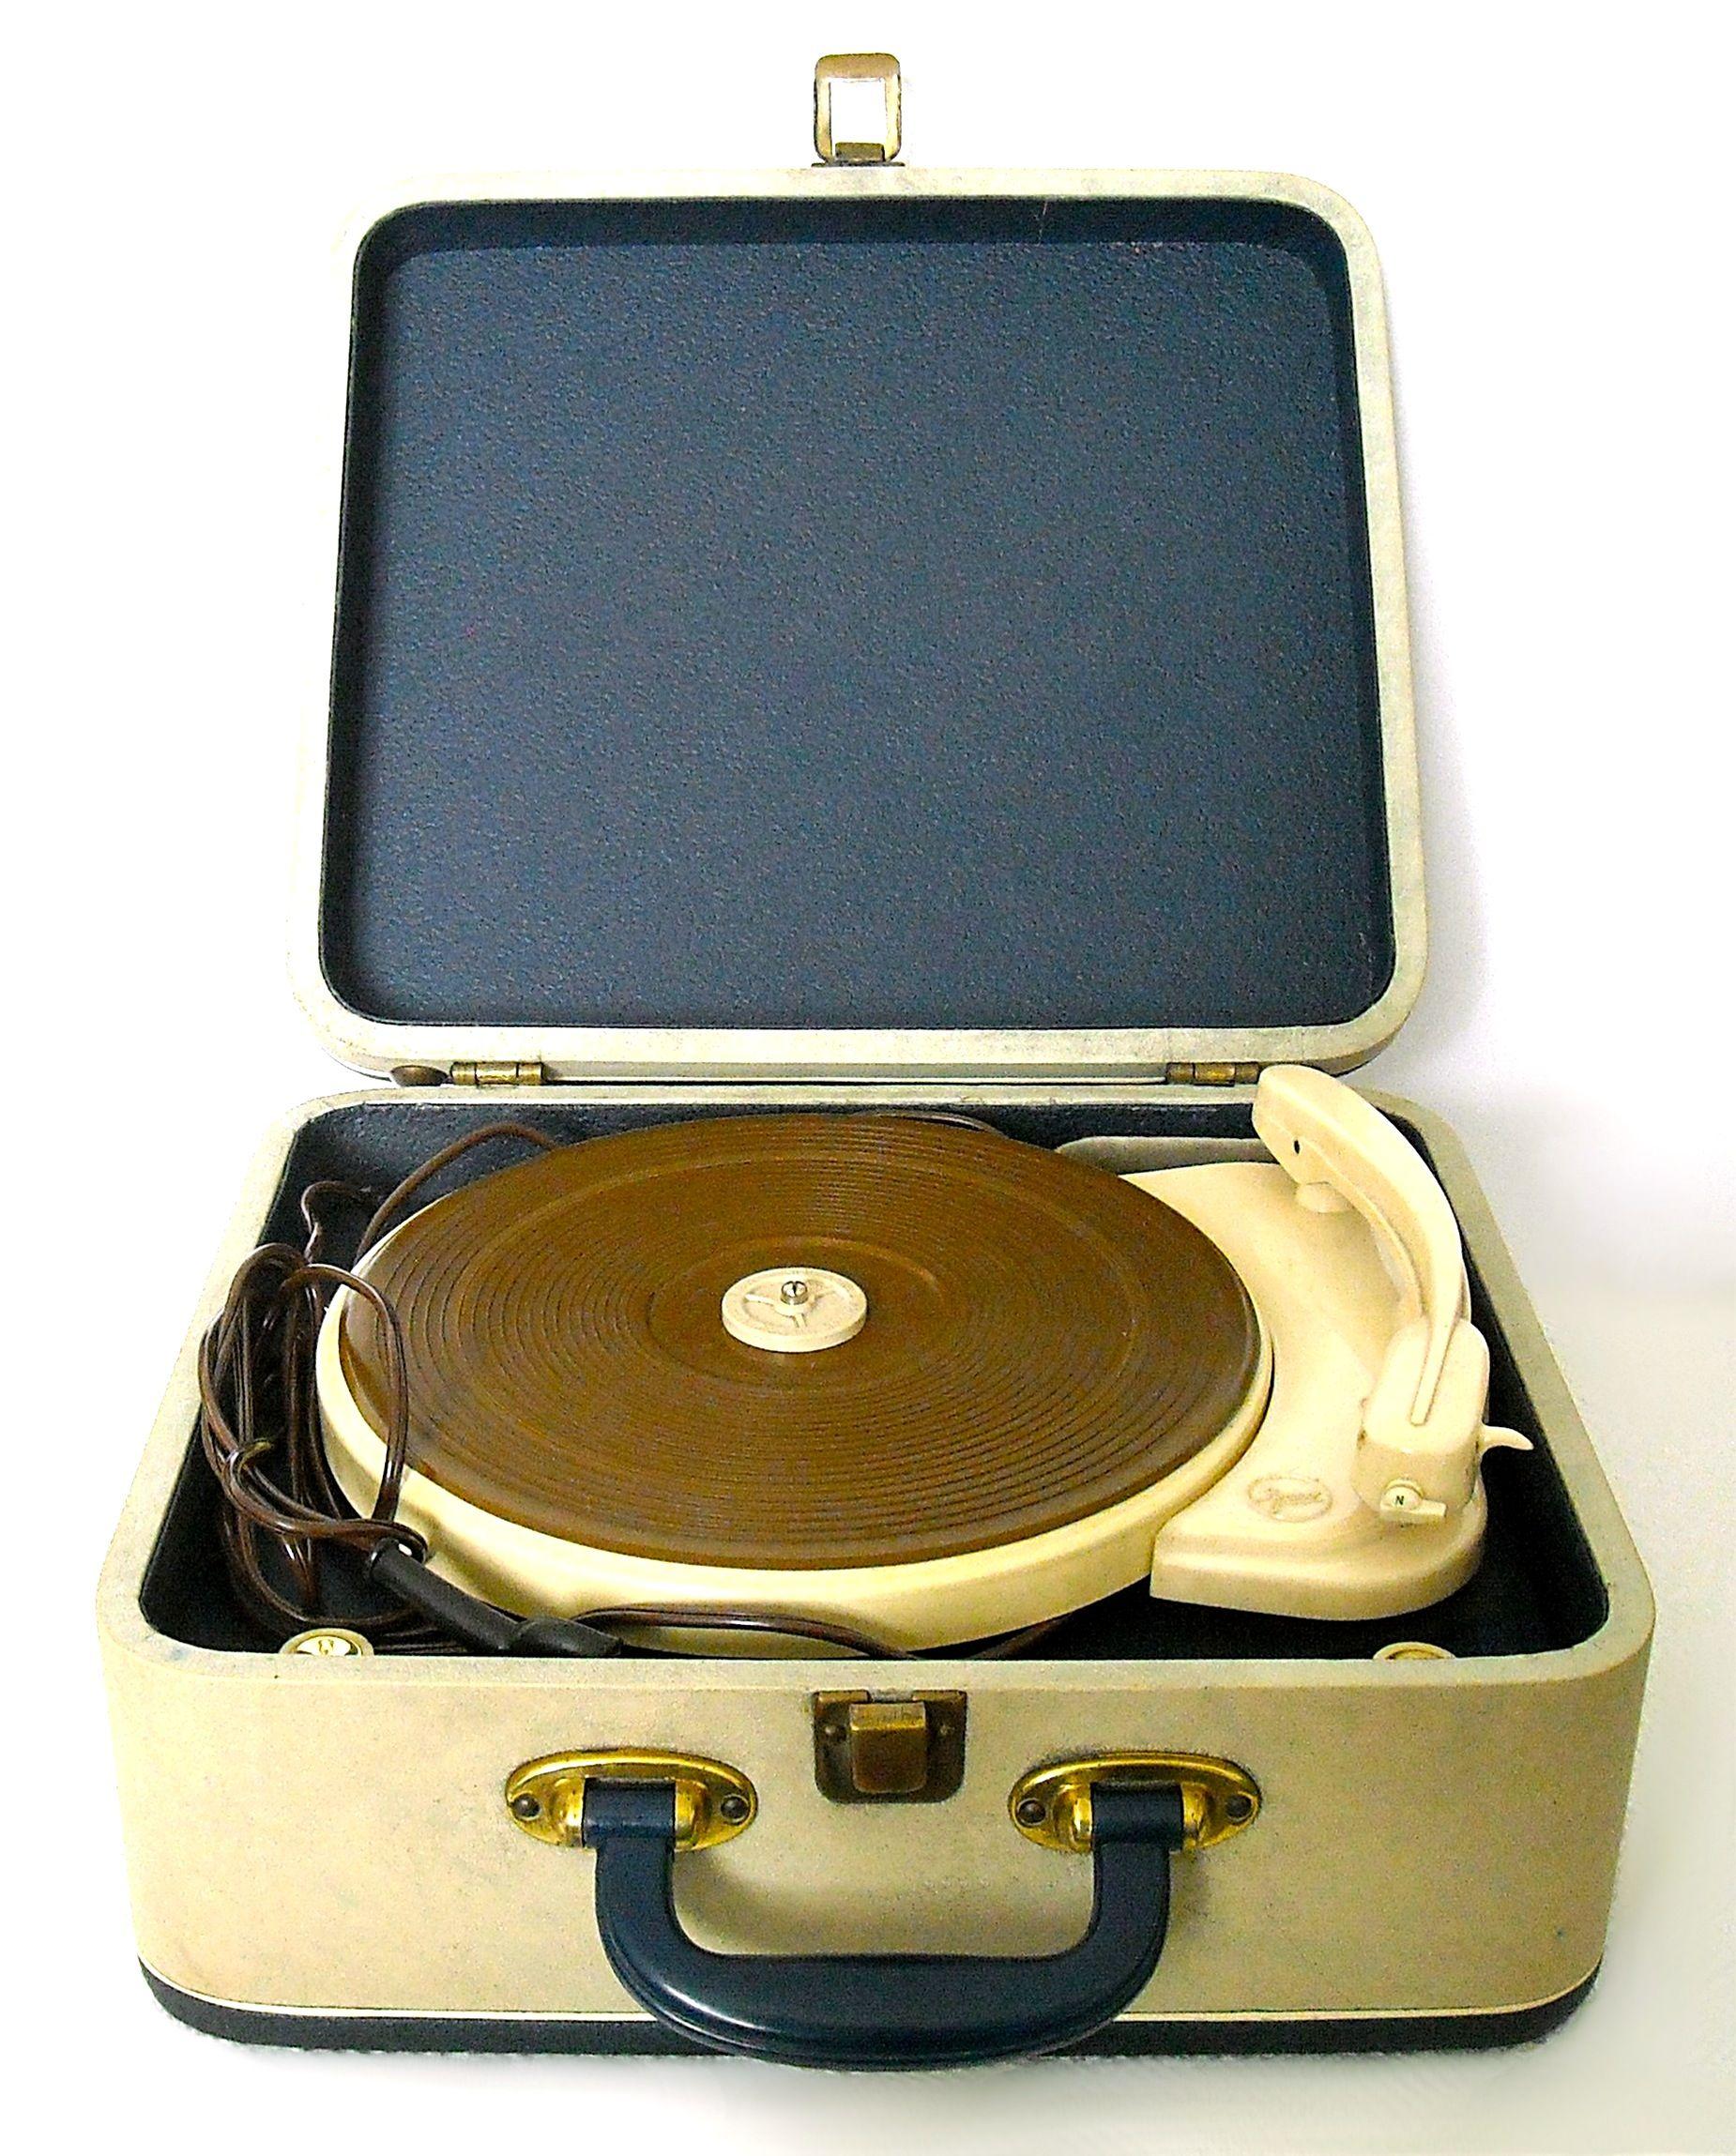 Fonovaligia a valvole Faro - anni '60. Riproduce dischi a 78, 45 e 33 giri. Dimensioni: 15 cm. di altezza, 36 cm. di larghezza e 32 cm. di profondità.